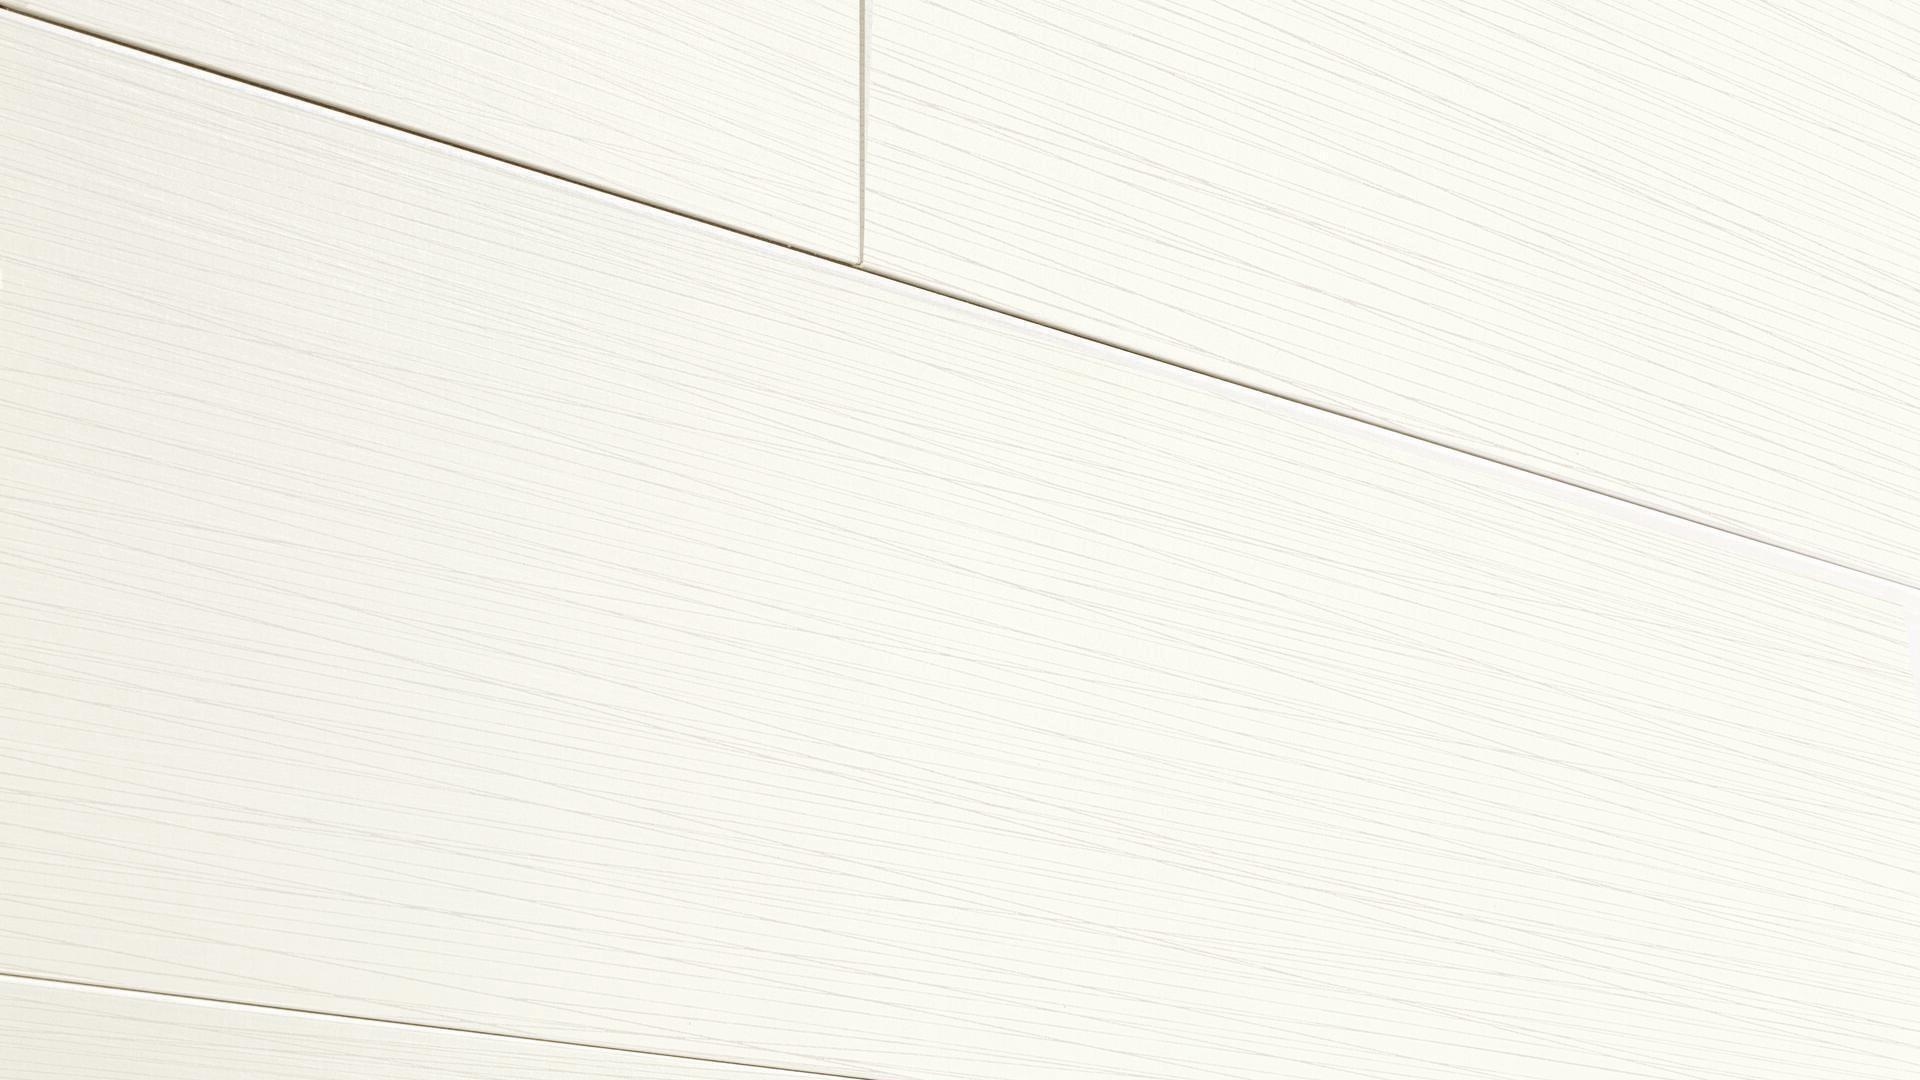 Dekorpaneele MeisterPaneele. bocado DP 250 Streifer silber 4021